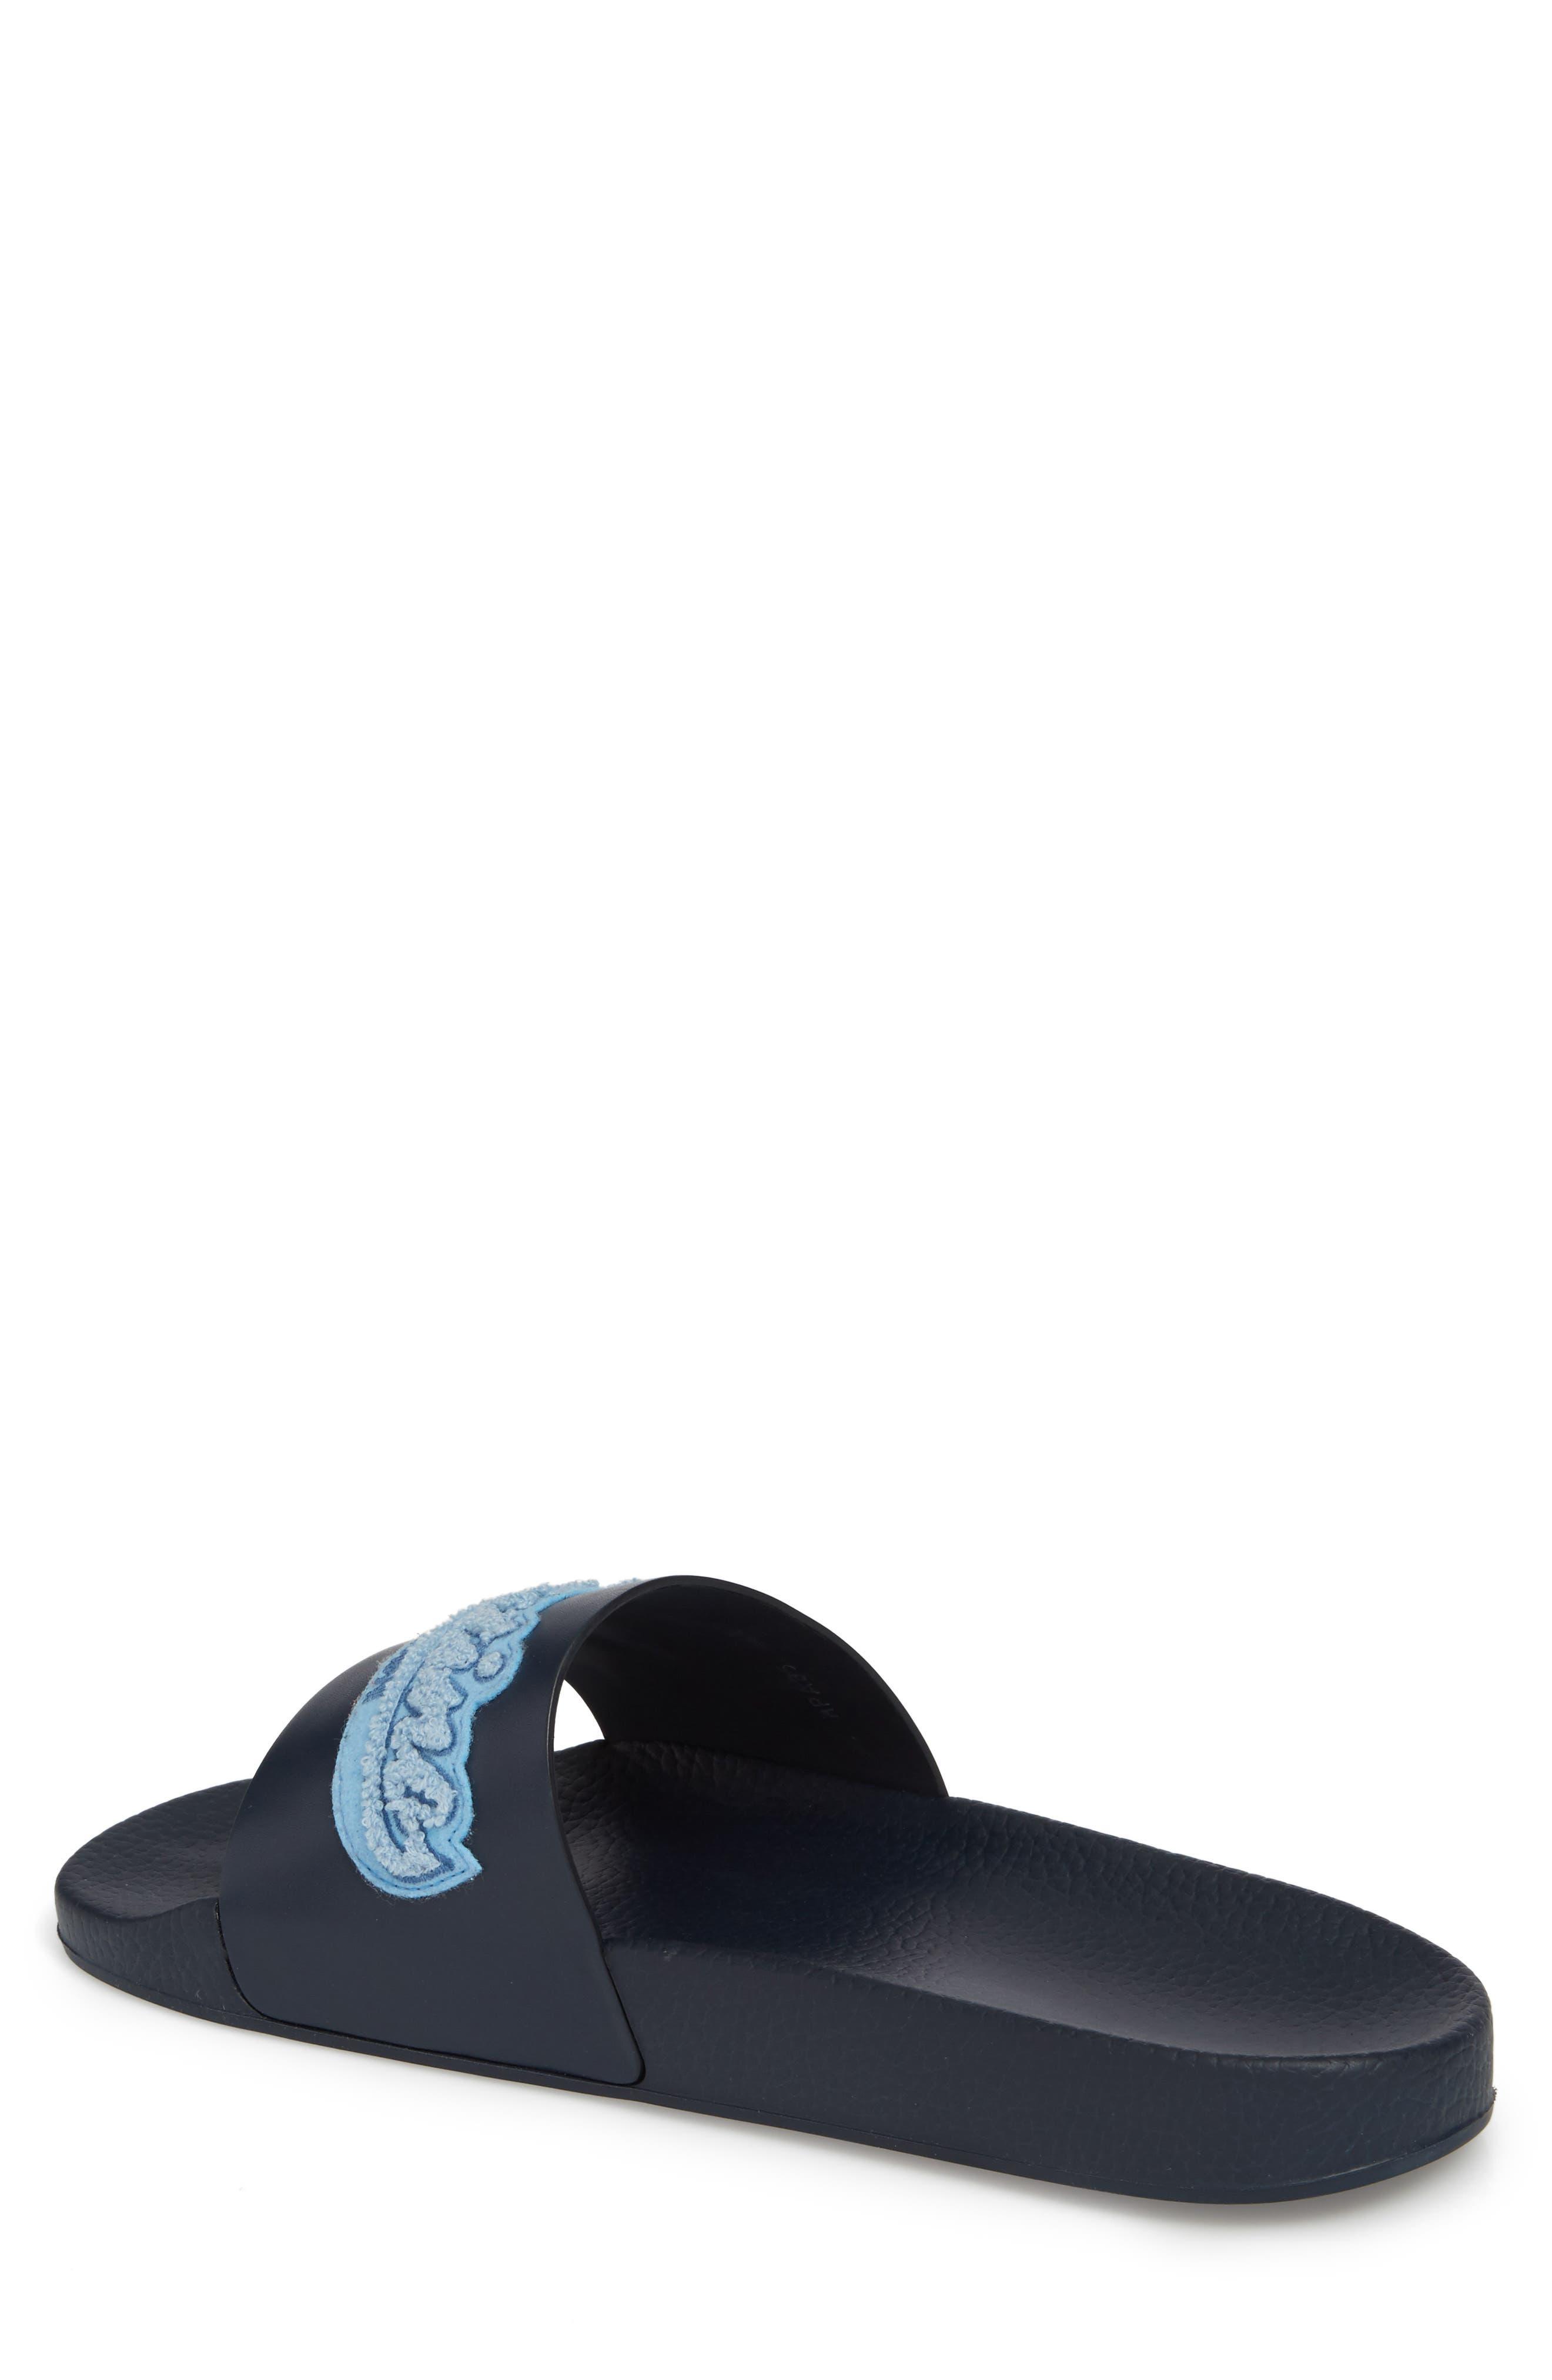 Slide Sandal,                             Alternate thumbnail 2, color,                             Marine/ Stone